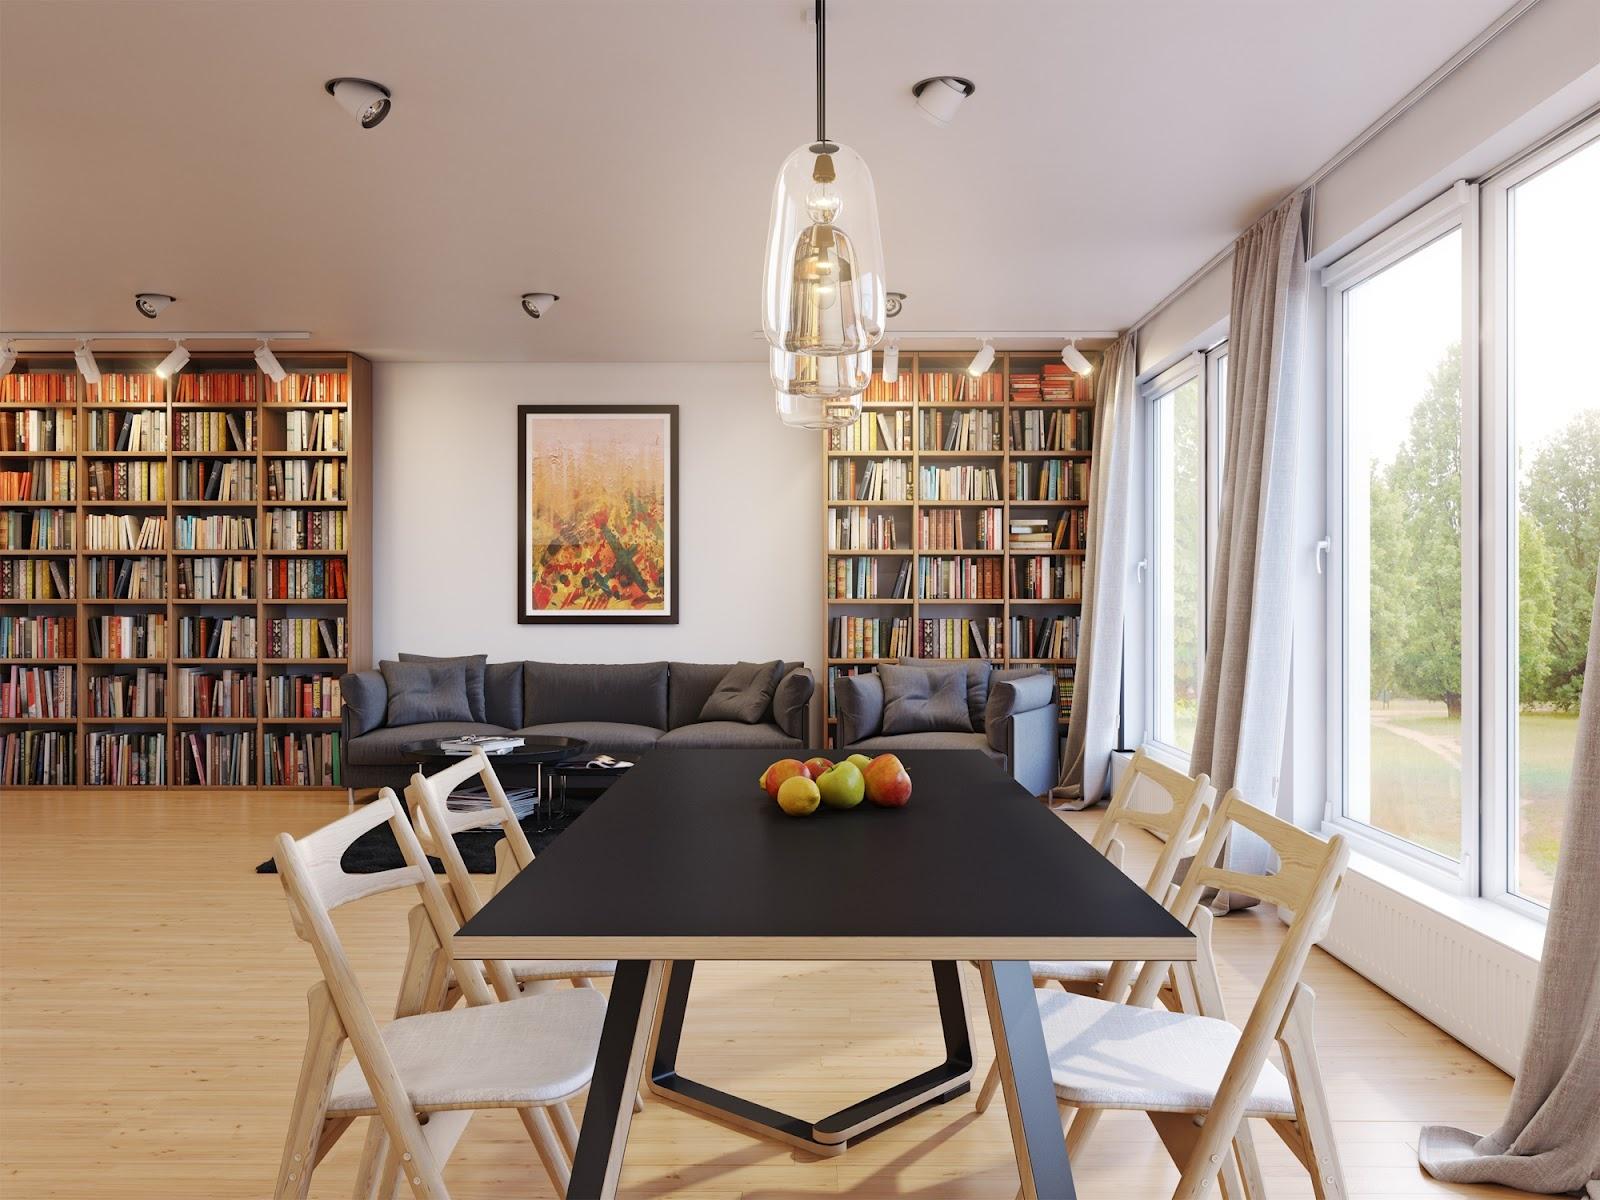 90平米小户型家庭餐厅飘窗装修效果图大全2012图片装修效果图 第4张高清图片